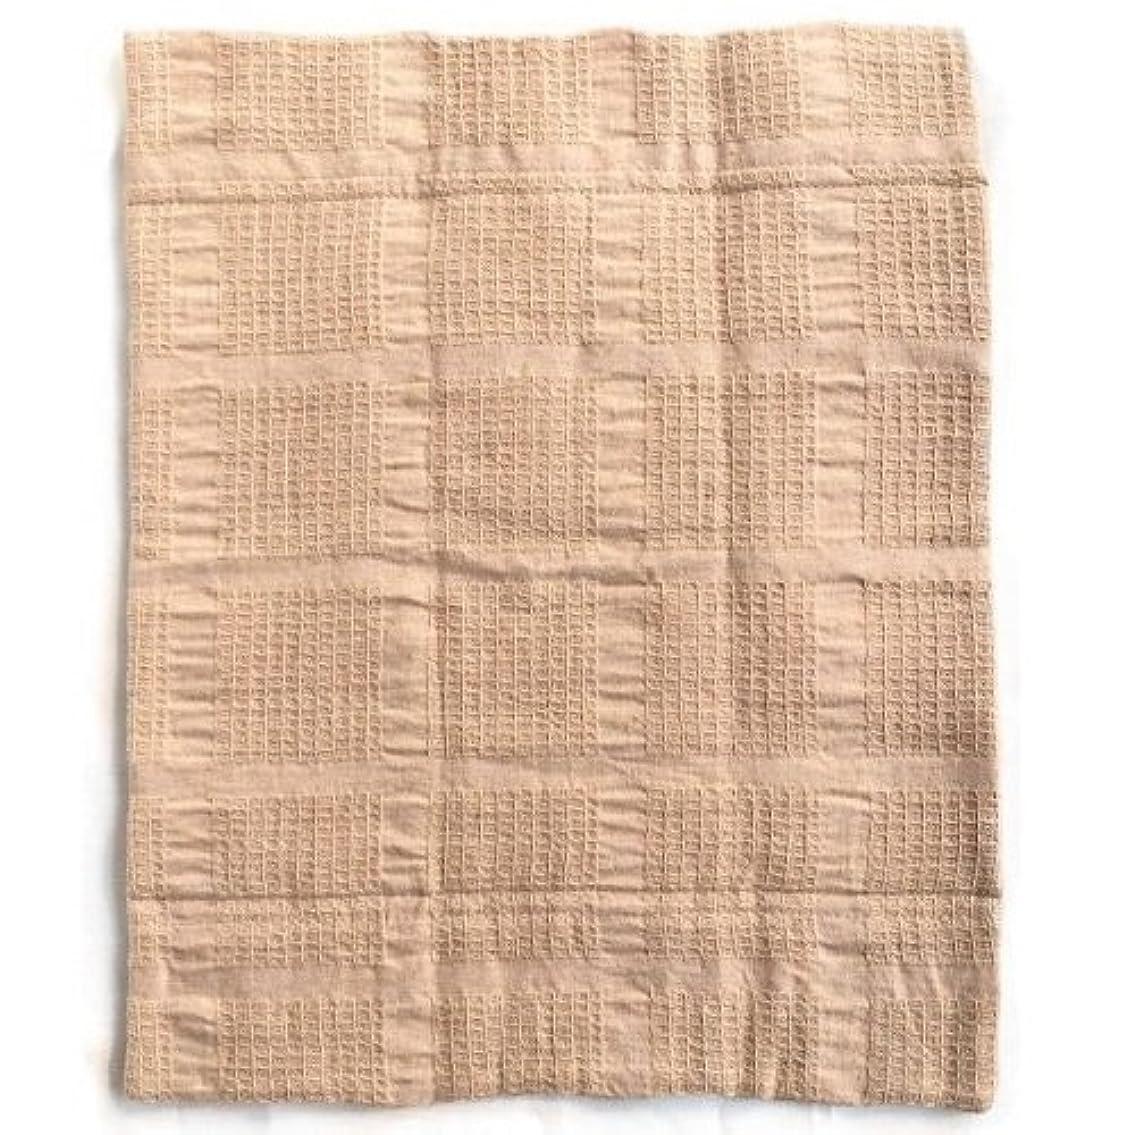 公園知的鉄道駅華布のオーガニックコットンの布ナプキン LLサイズ(約28cm×約35cm) 1枚入り